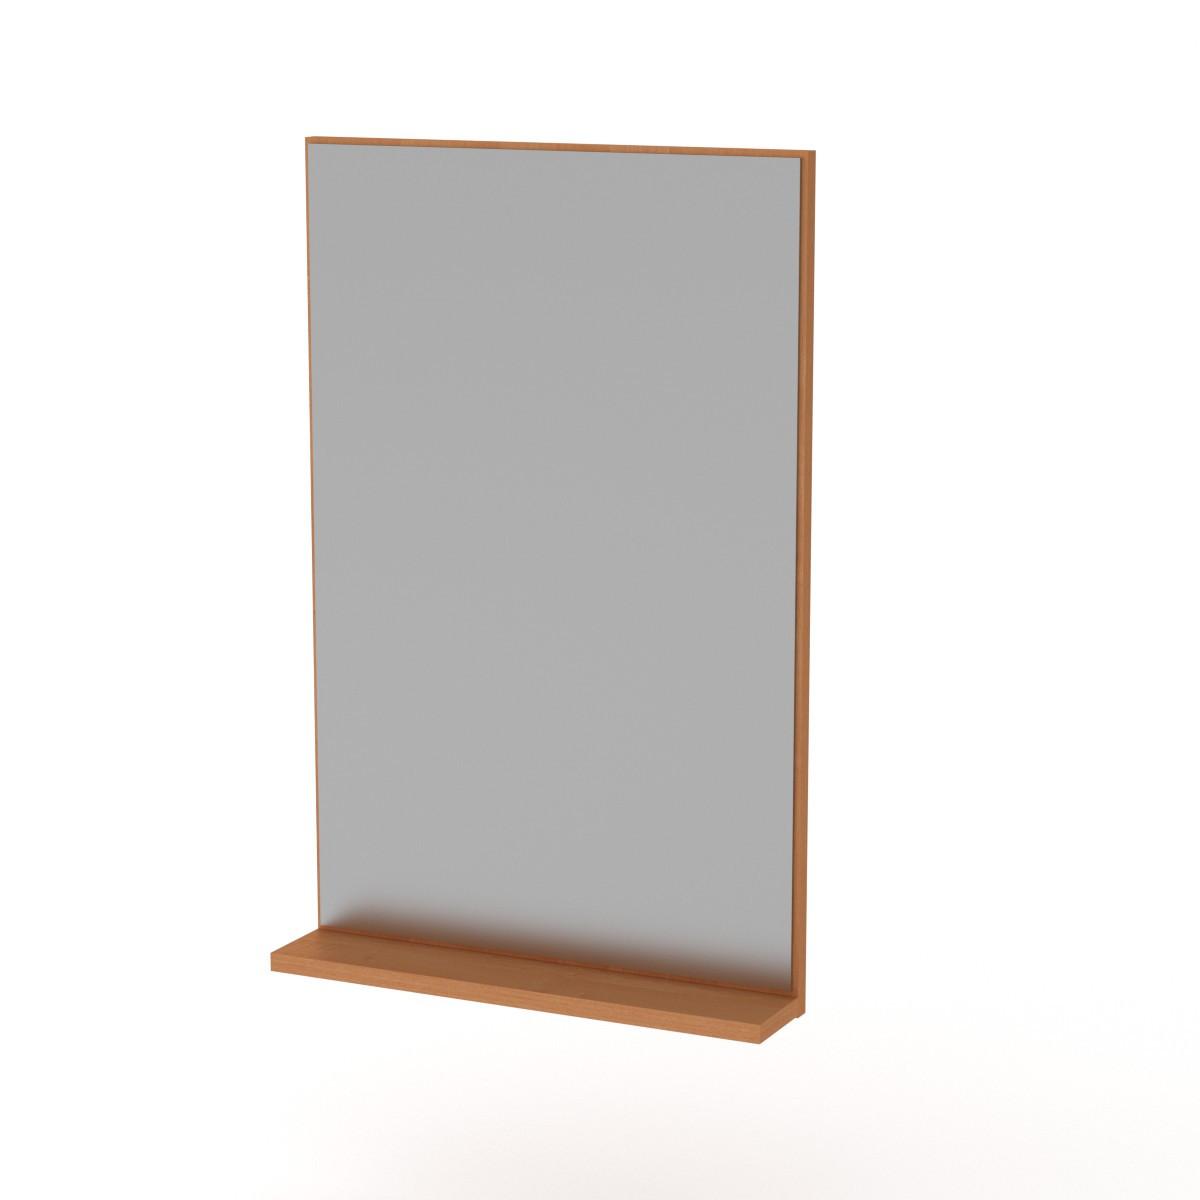 Зеркало-2 ольха Компанит